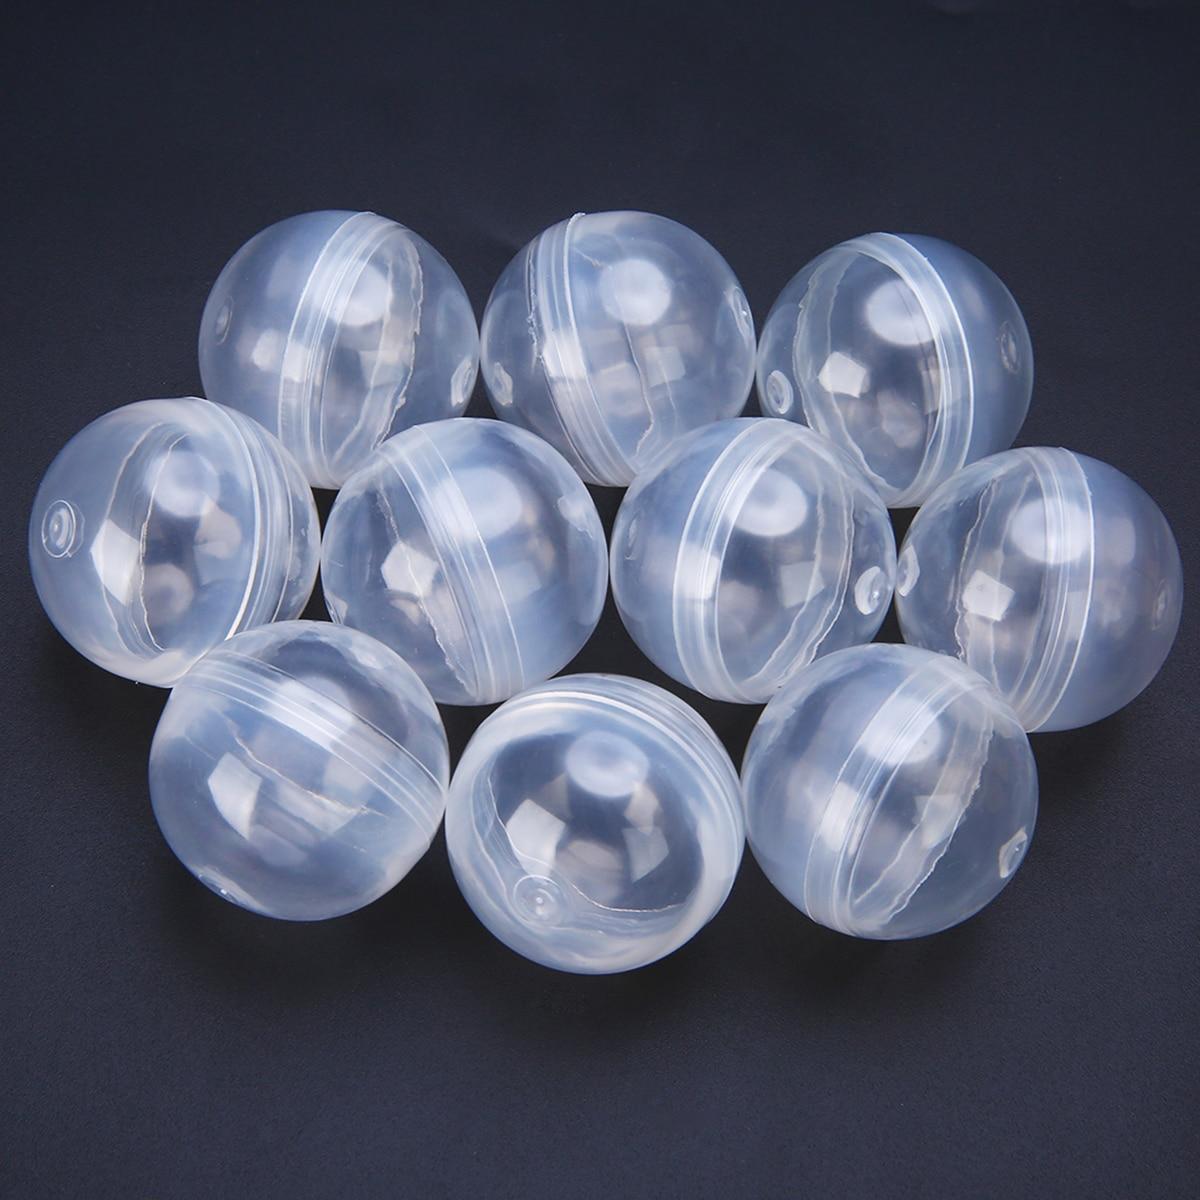 10 cápsulas redondas vazias plásticas transparentes do brinquedo dos pces diâmetro de 1.2 polegadas 32mm para o presente das crianças para a máquina de venda automática da bola